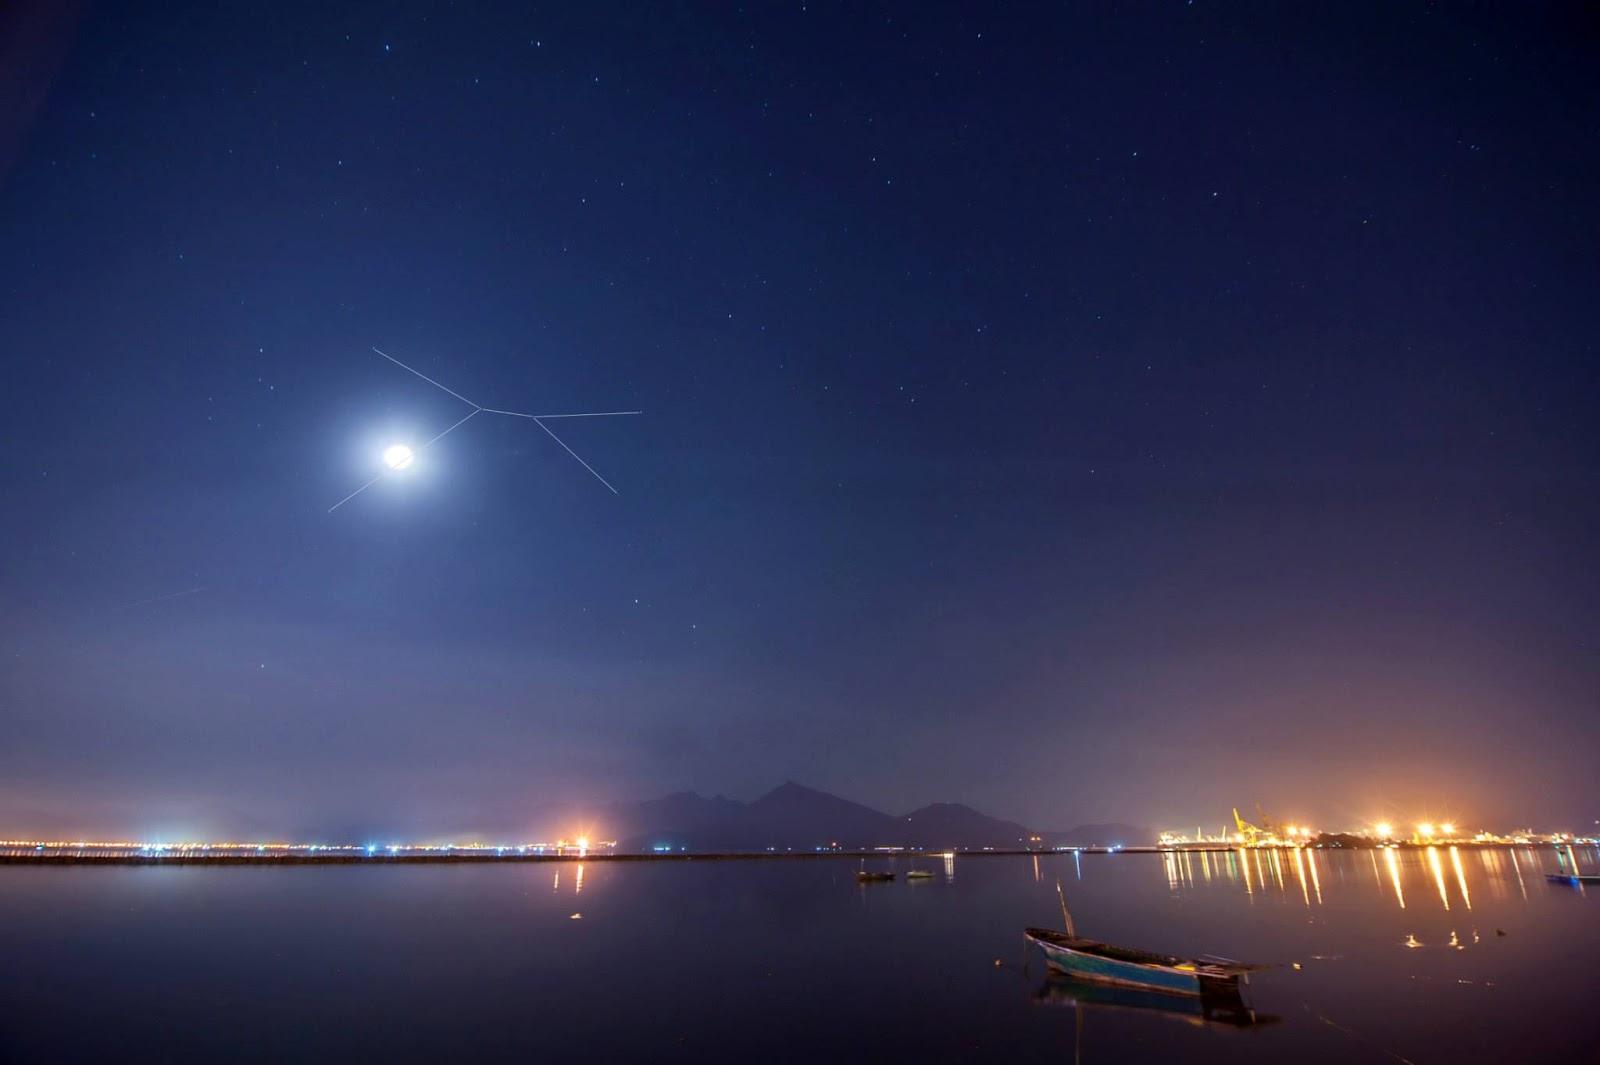 Cự Giải ôm chặt Mặt Trăng trên bầu trời Đà Nẵng. Tác giả : Khan G Nguyen.